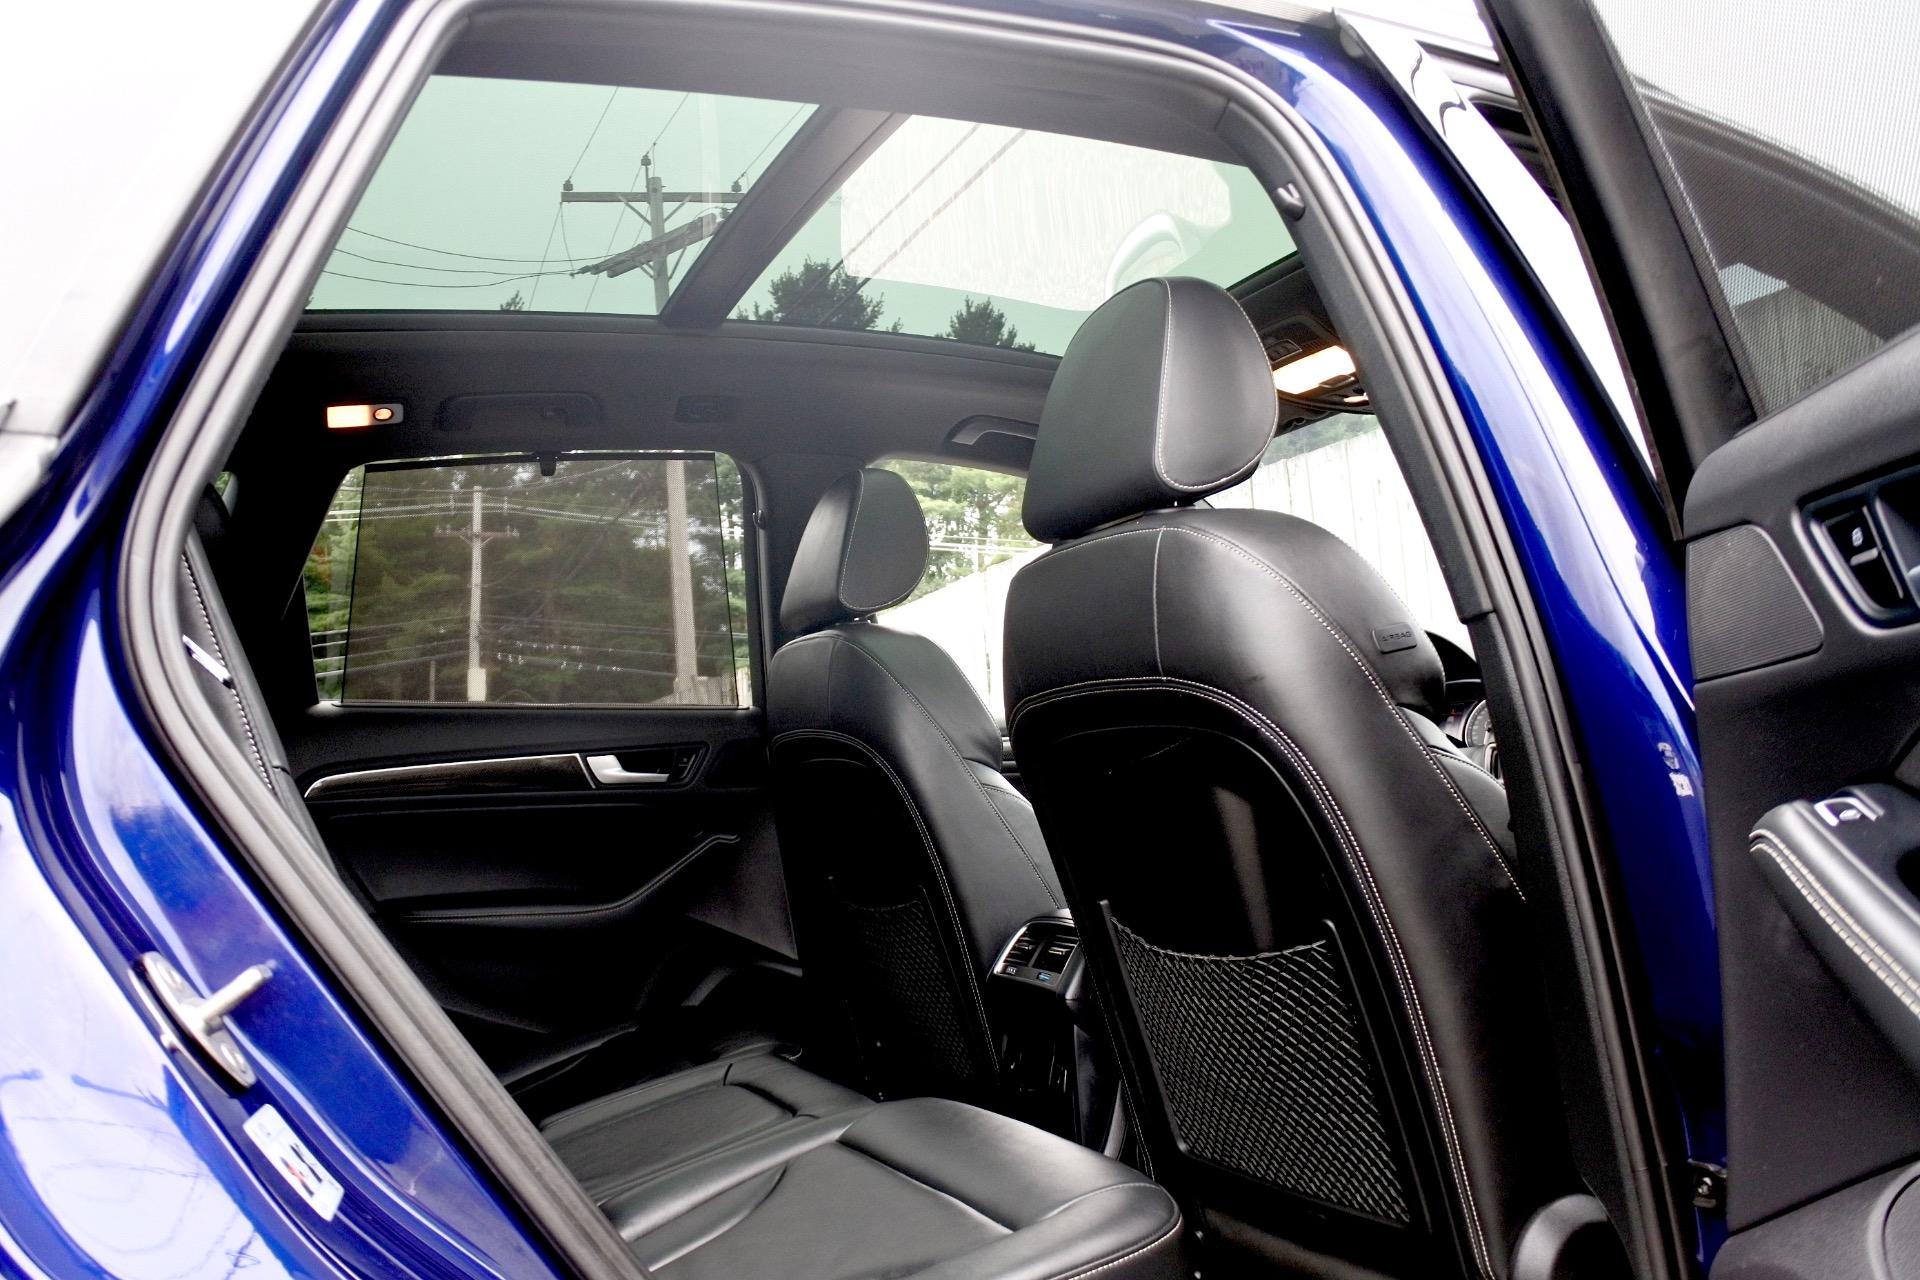 Used 2014 Audi Sq5 3.0 Quattro Used 2014 Audi Sq5 3.0 Quattro for sale  at Metro West Motorcars LLC in Shrewsbury MA 20